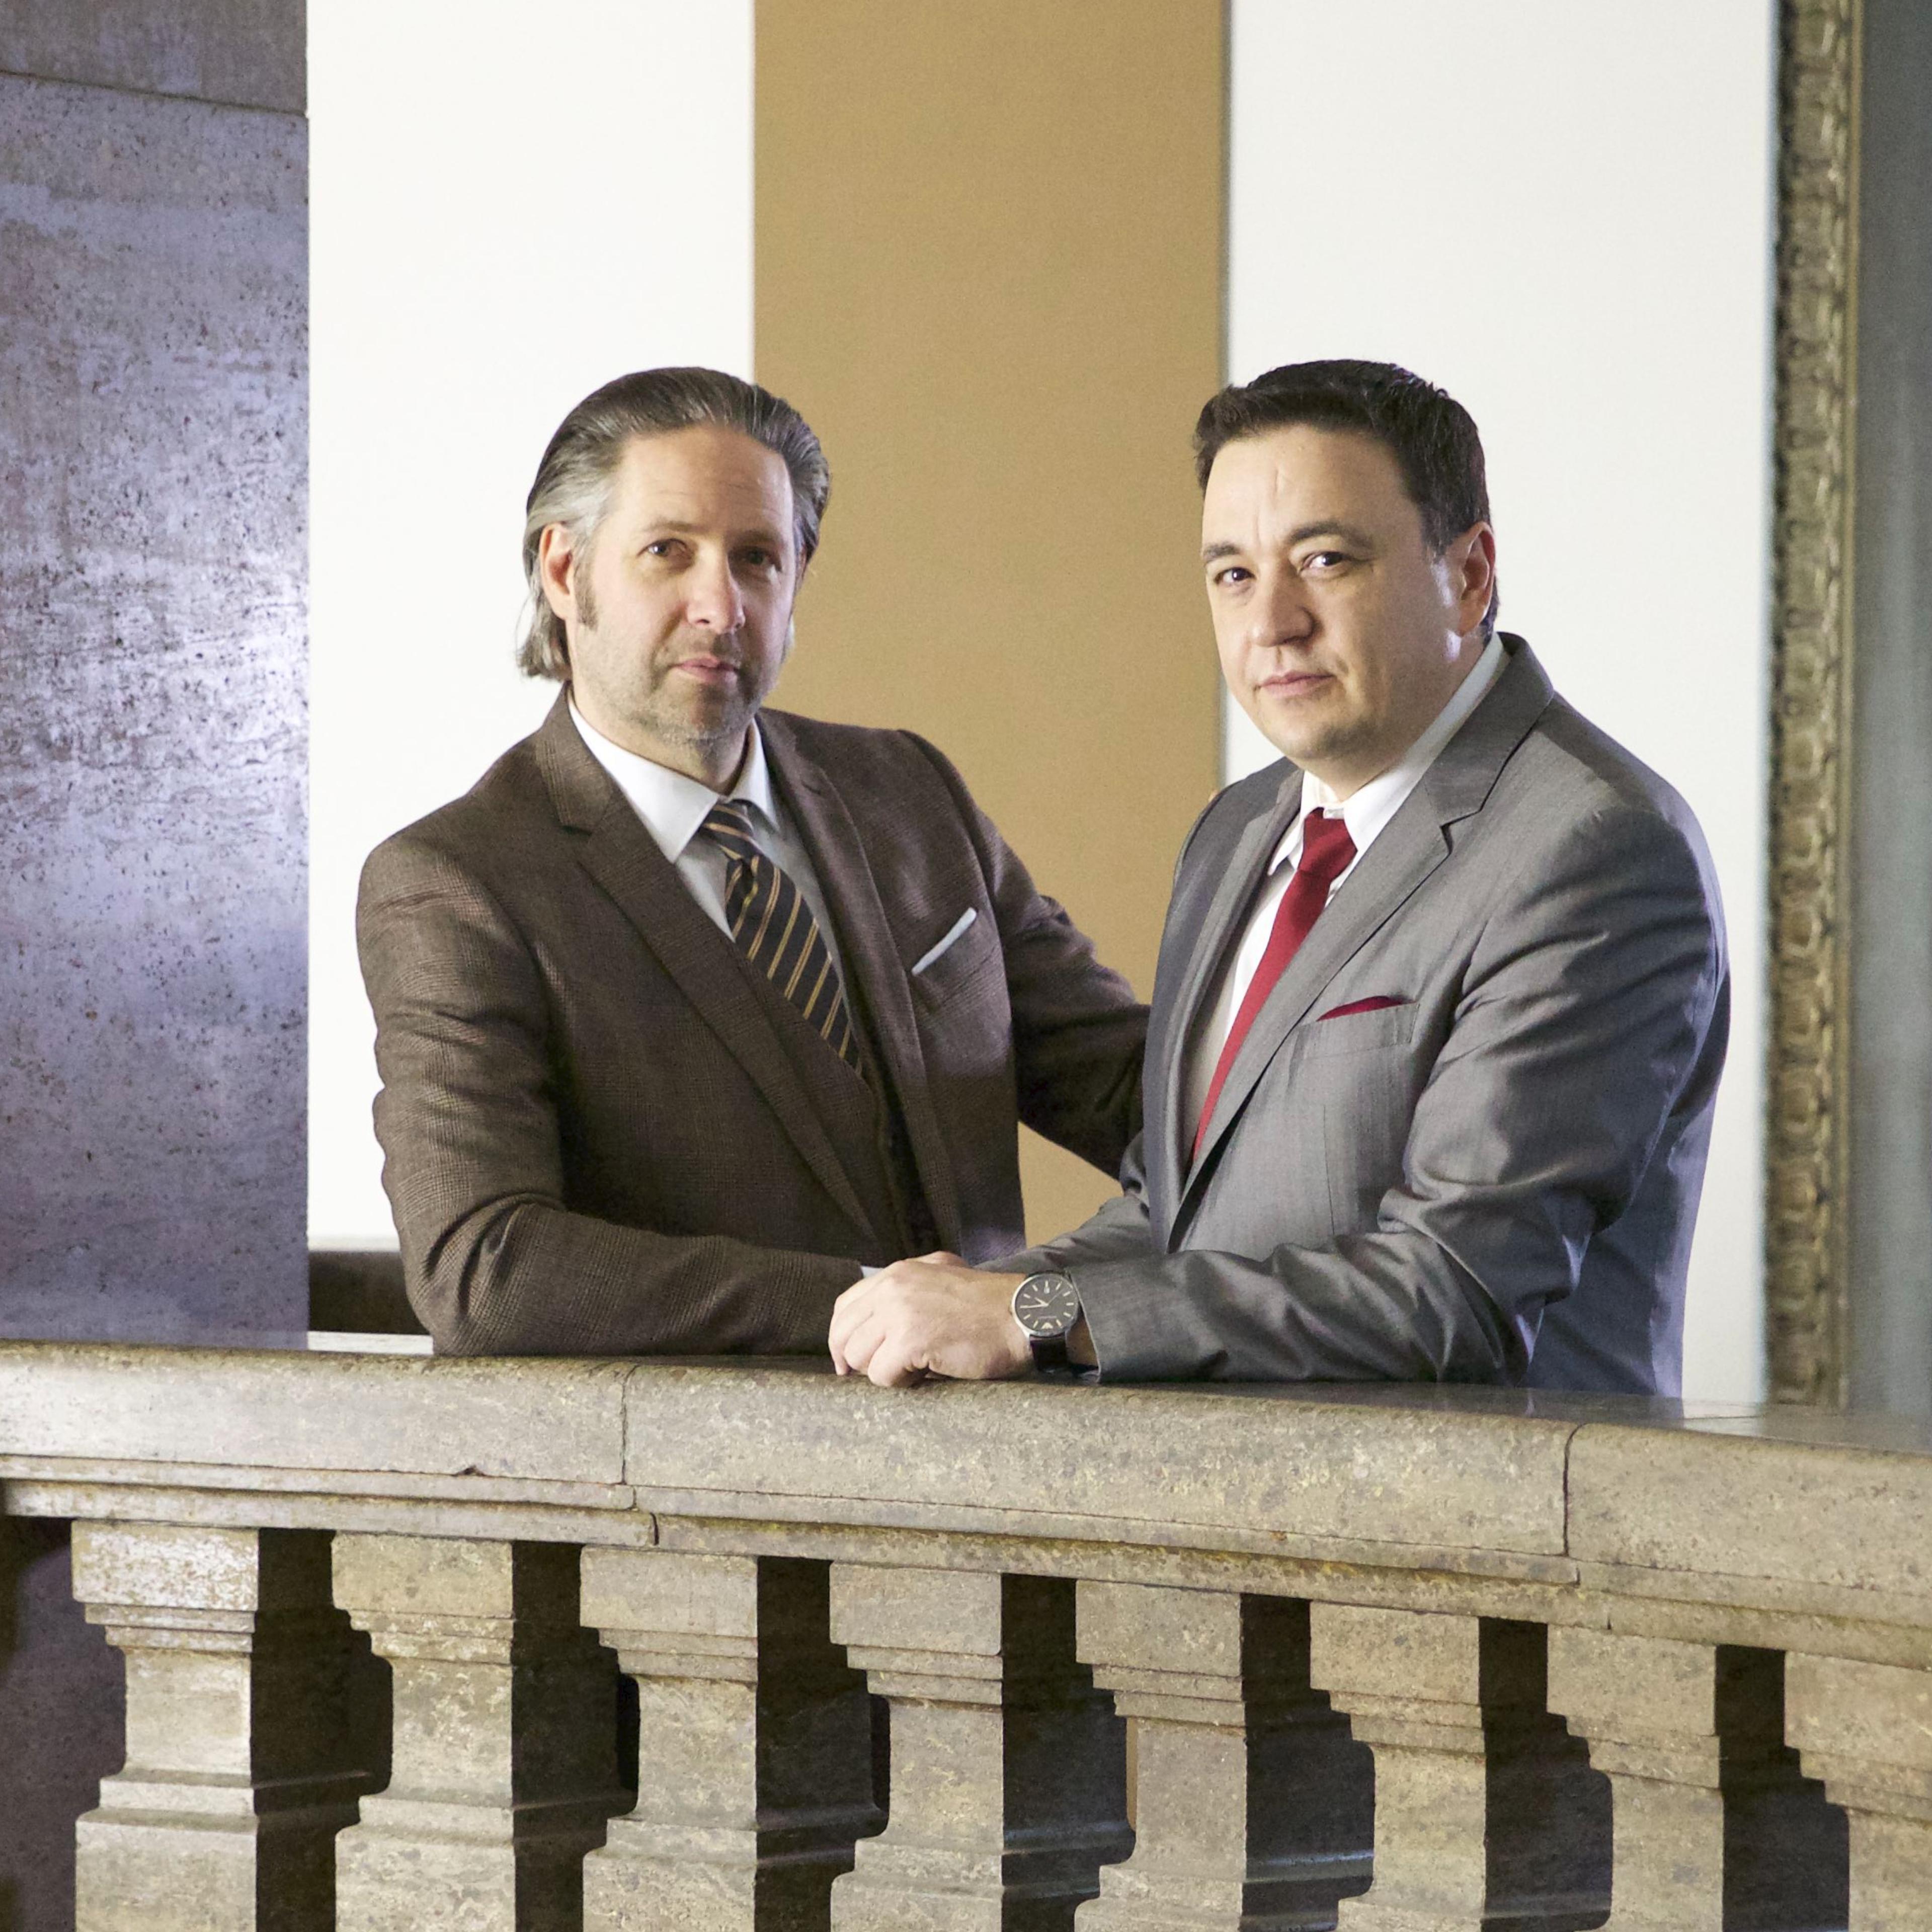 Kanzlei Recht Und Recht 61476 Kronberg Im Taunus Anwaltde